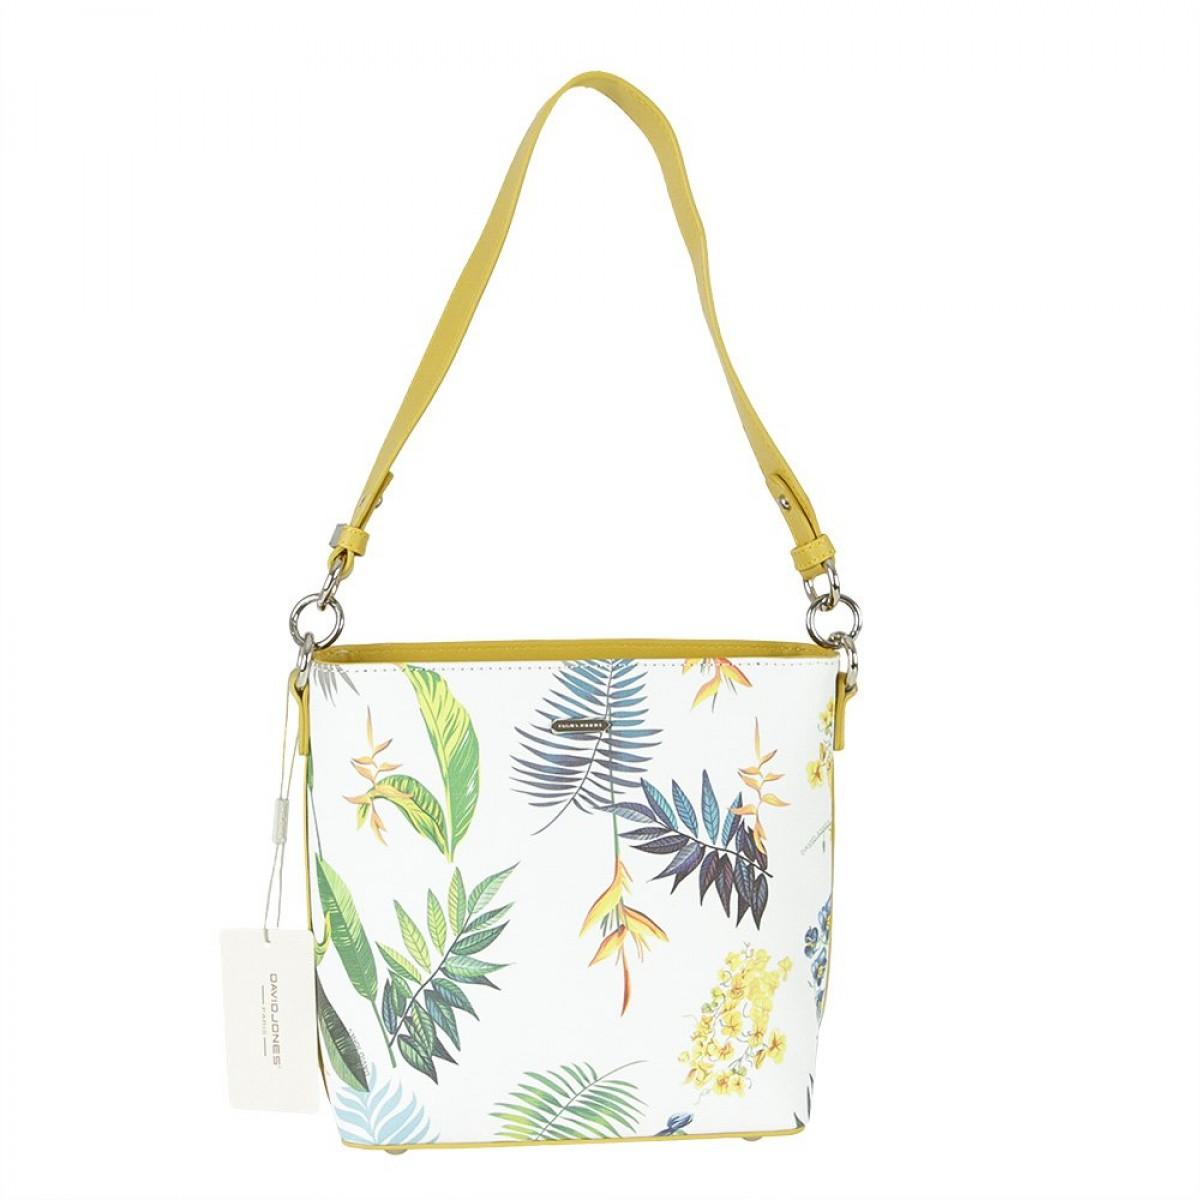 Жіноча сумка David Jones 6306-3 YELLOW